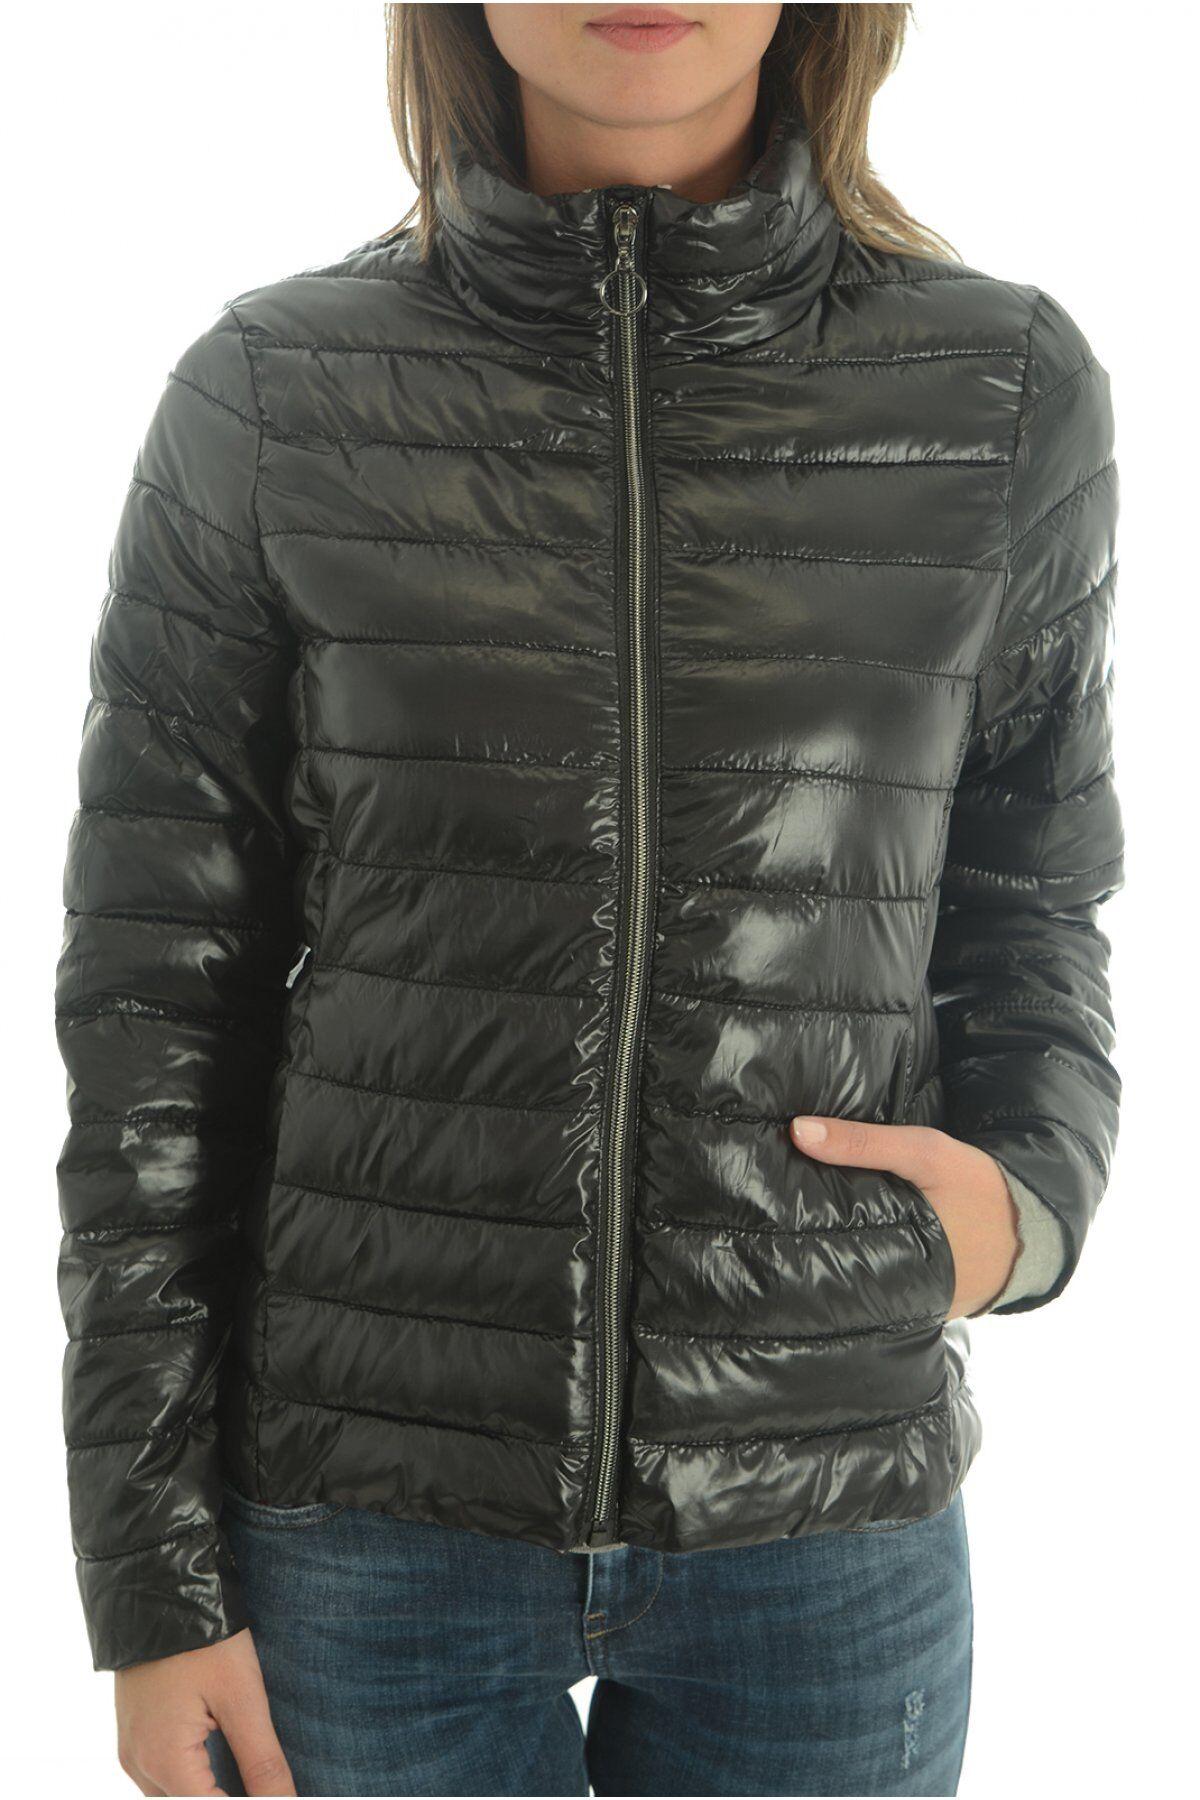 Manteau 3/4 Avec Blouson Intégré Double  - Vero Moda